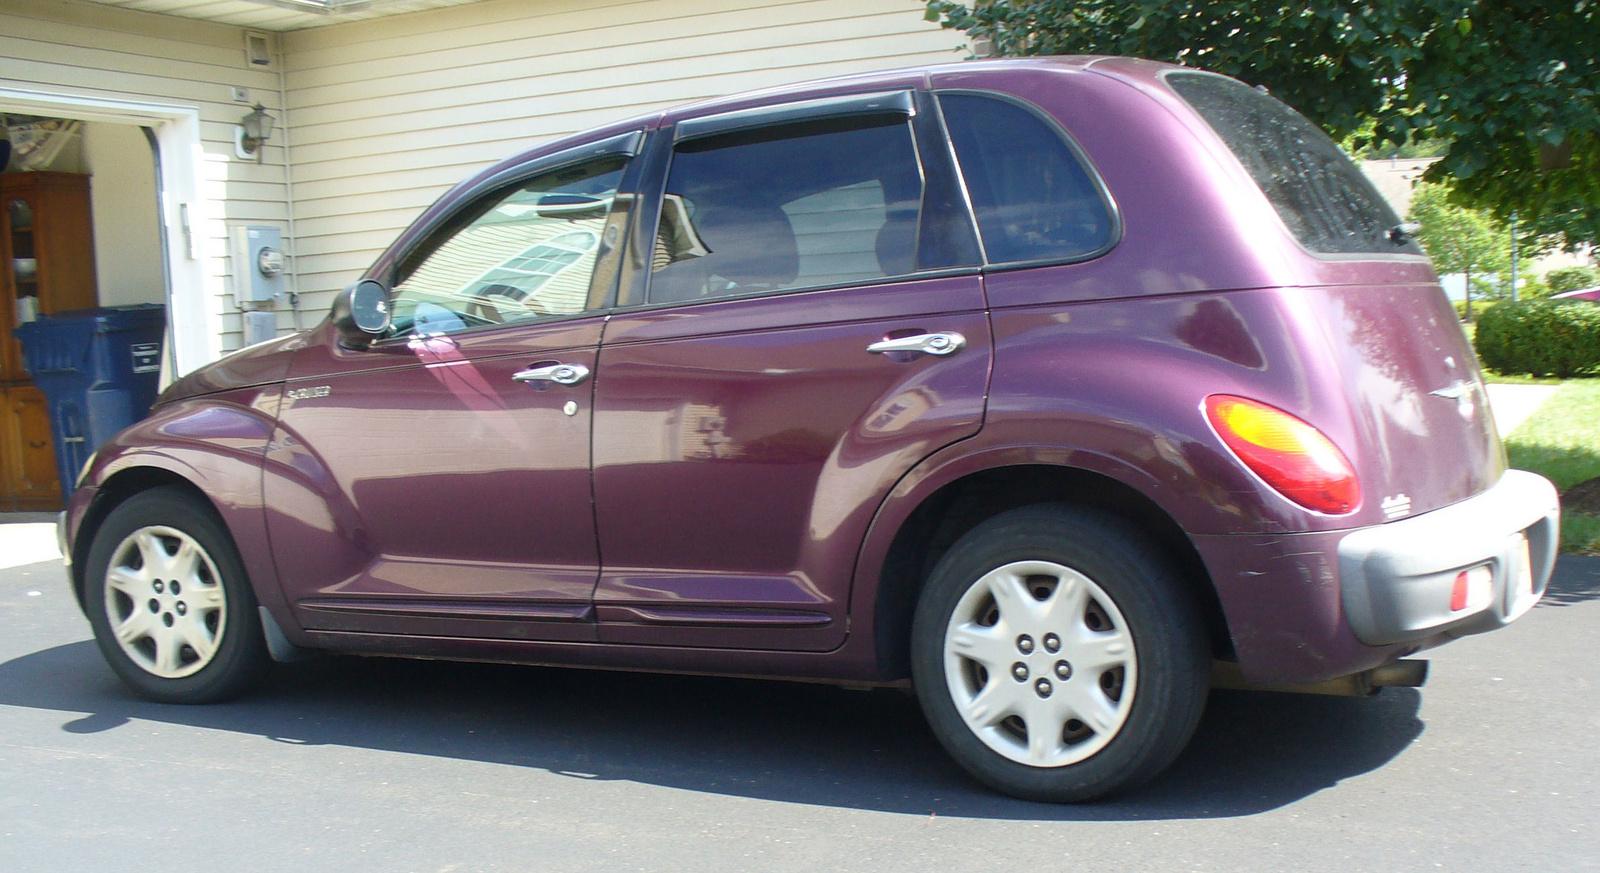 Chrysler Pt Cruiser on 2001 Chrysler Pt Cruiser Purple